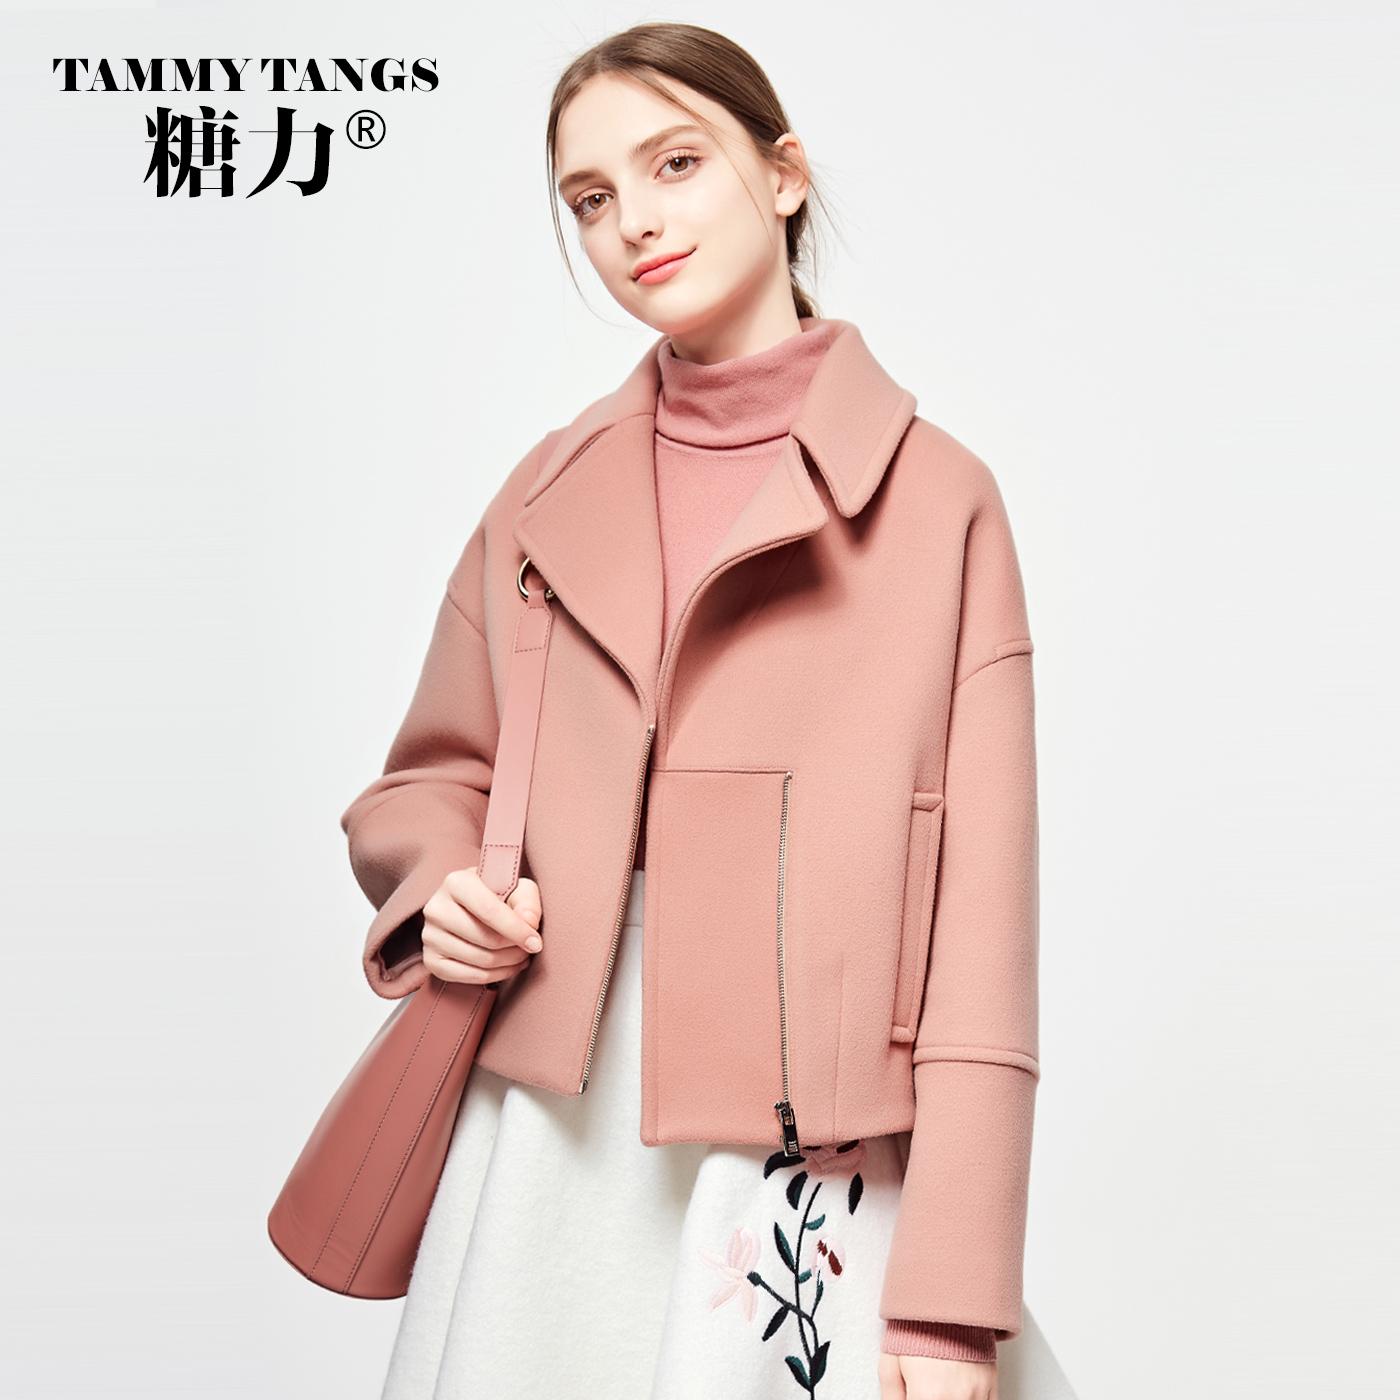 糖力2017冬装新款欧美女装粉色时尚翻领毛呢外套宽松短款毛呢大衣